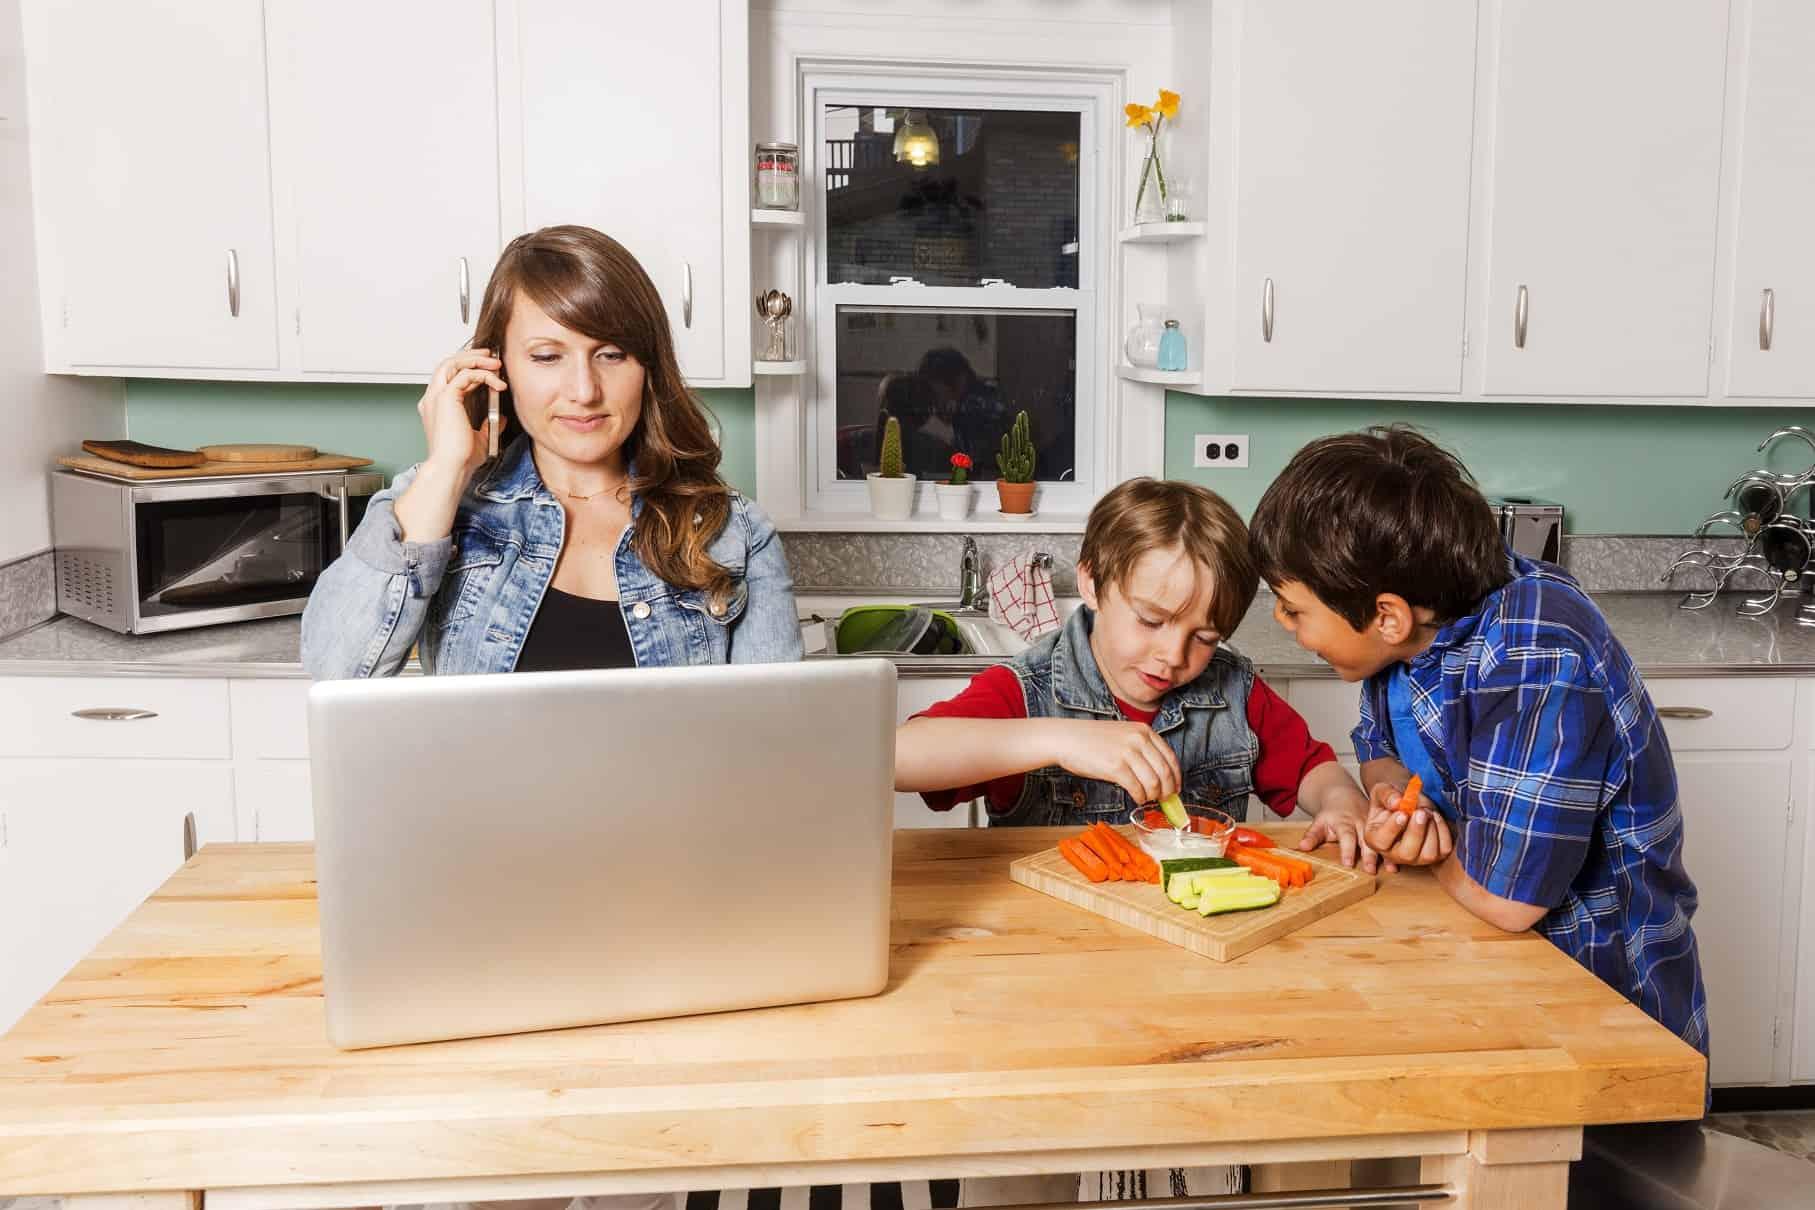 combinatie werk en gezin verbeteren